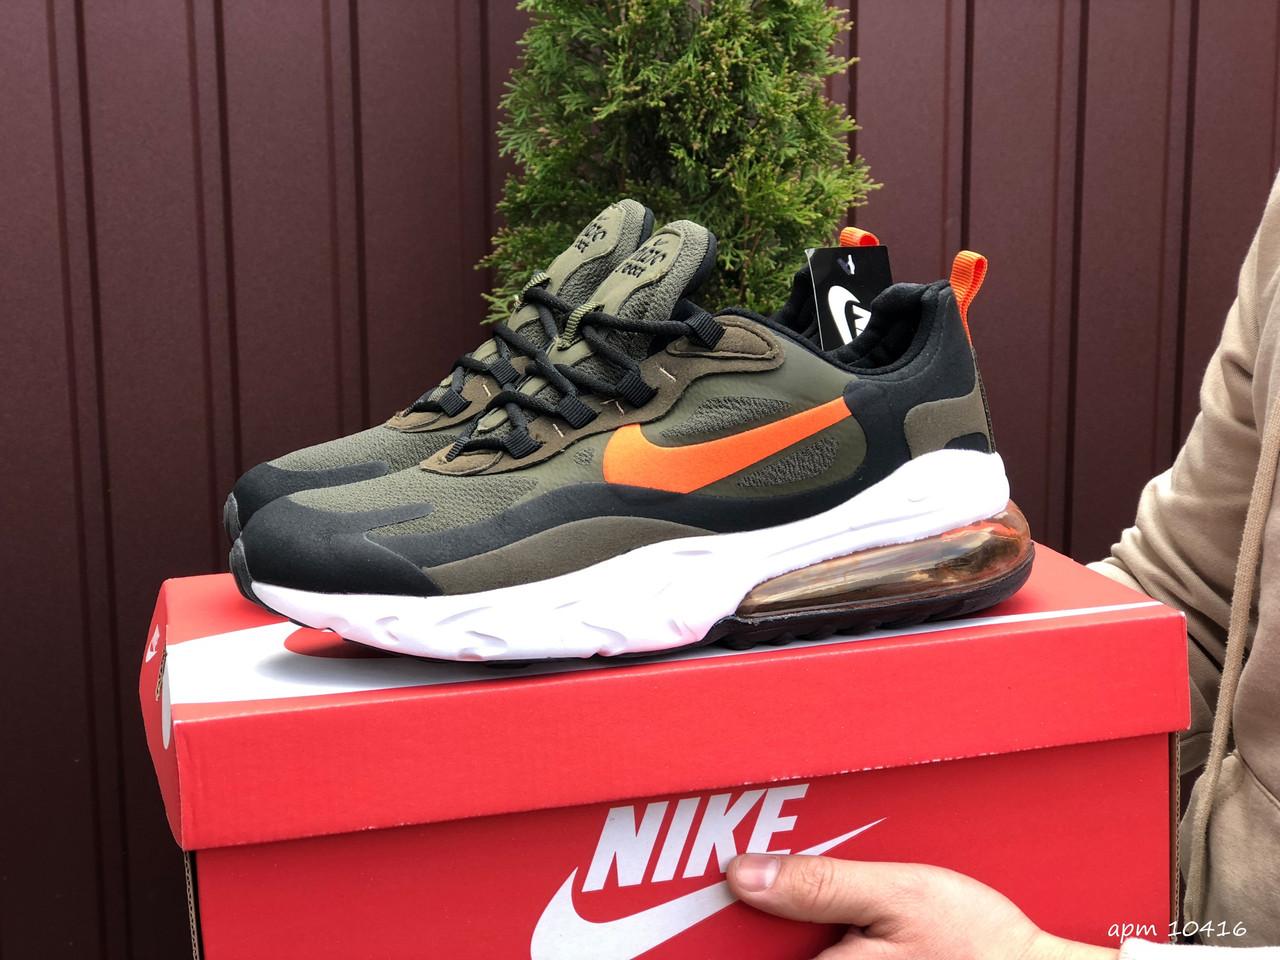 Мужские кроссовки Nike Air Max 270 React зеленые / текстильные кроссовки Найк Реакт (Топ реплика ААА+)